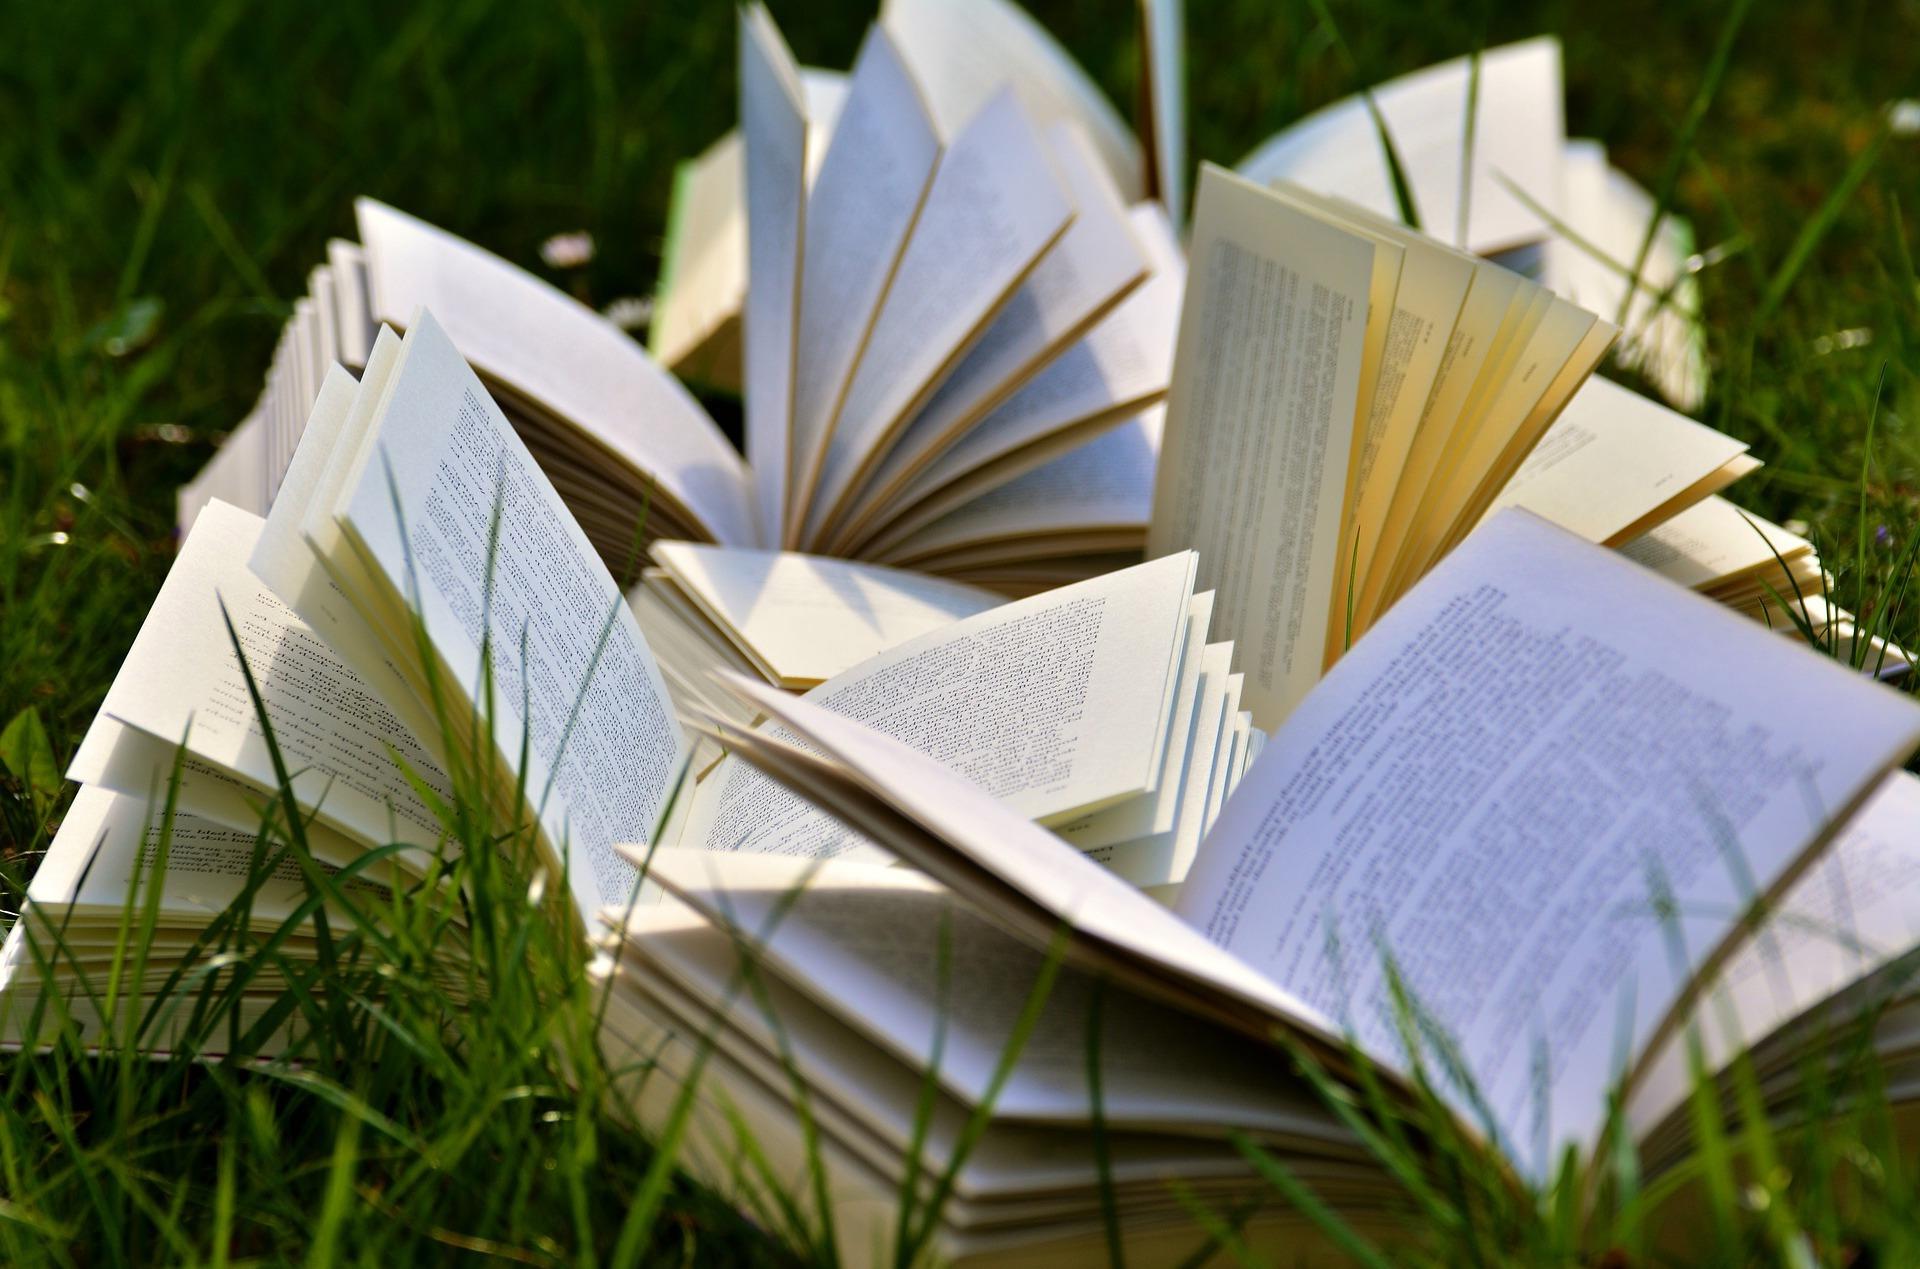 Arranca el club de lectura #ODSbooks: un mes, un libro, un objetivo